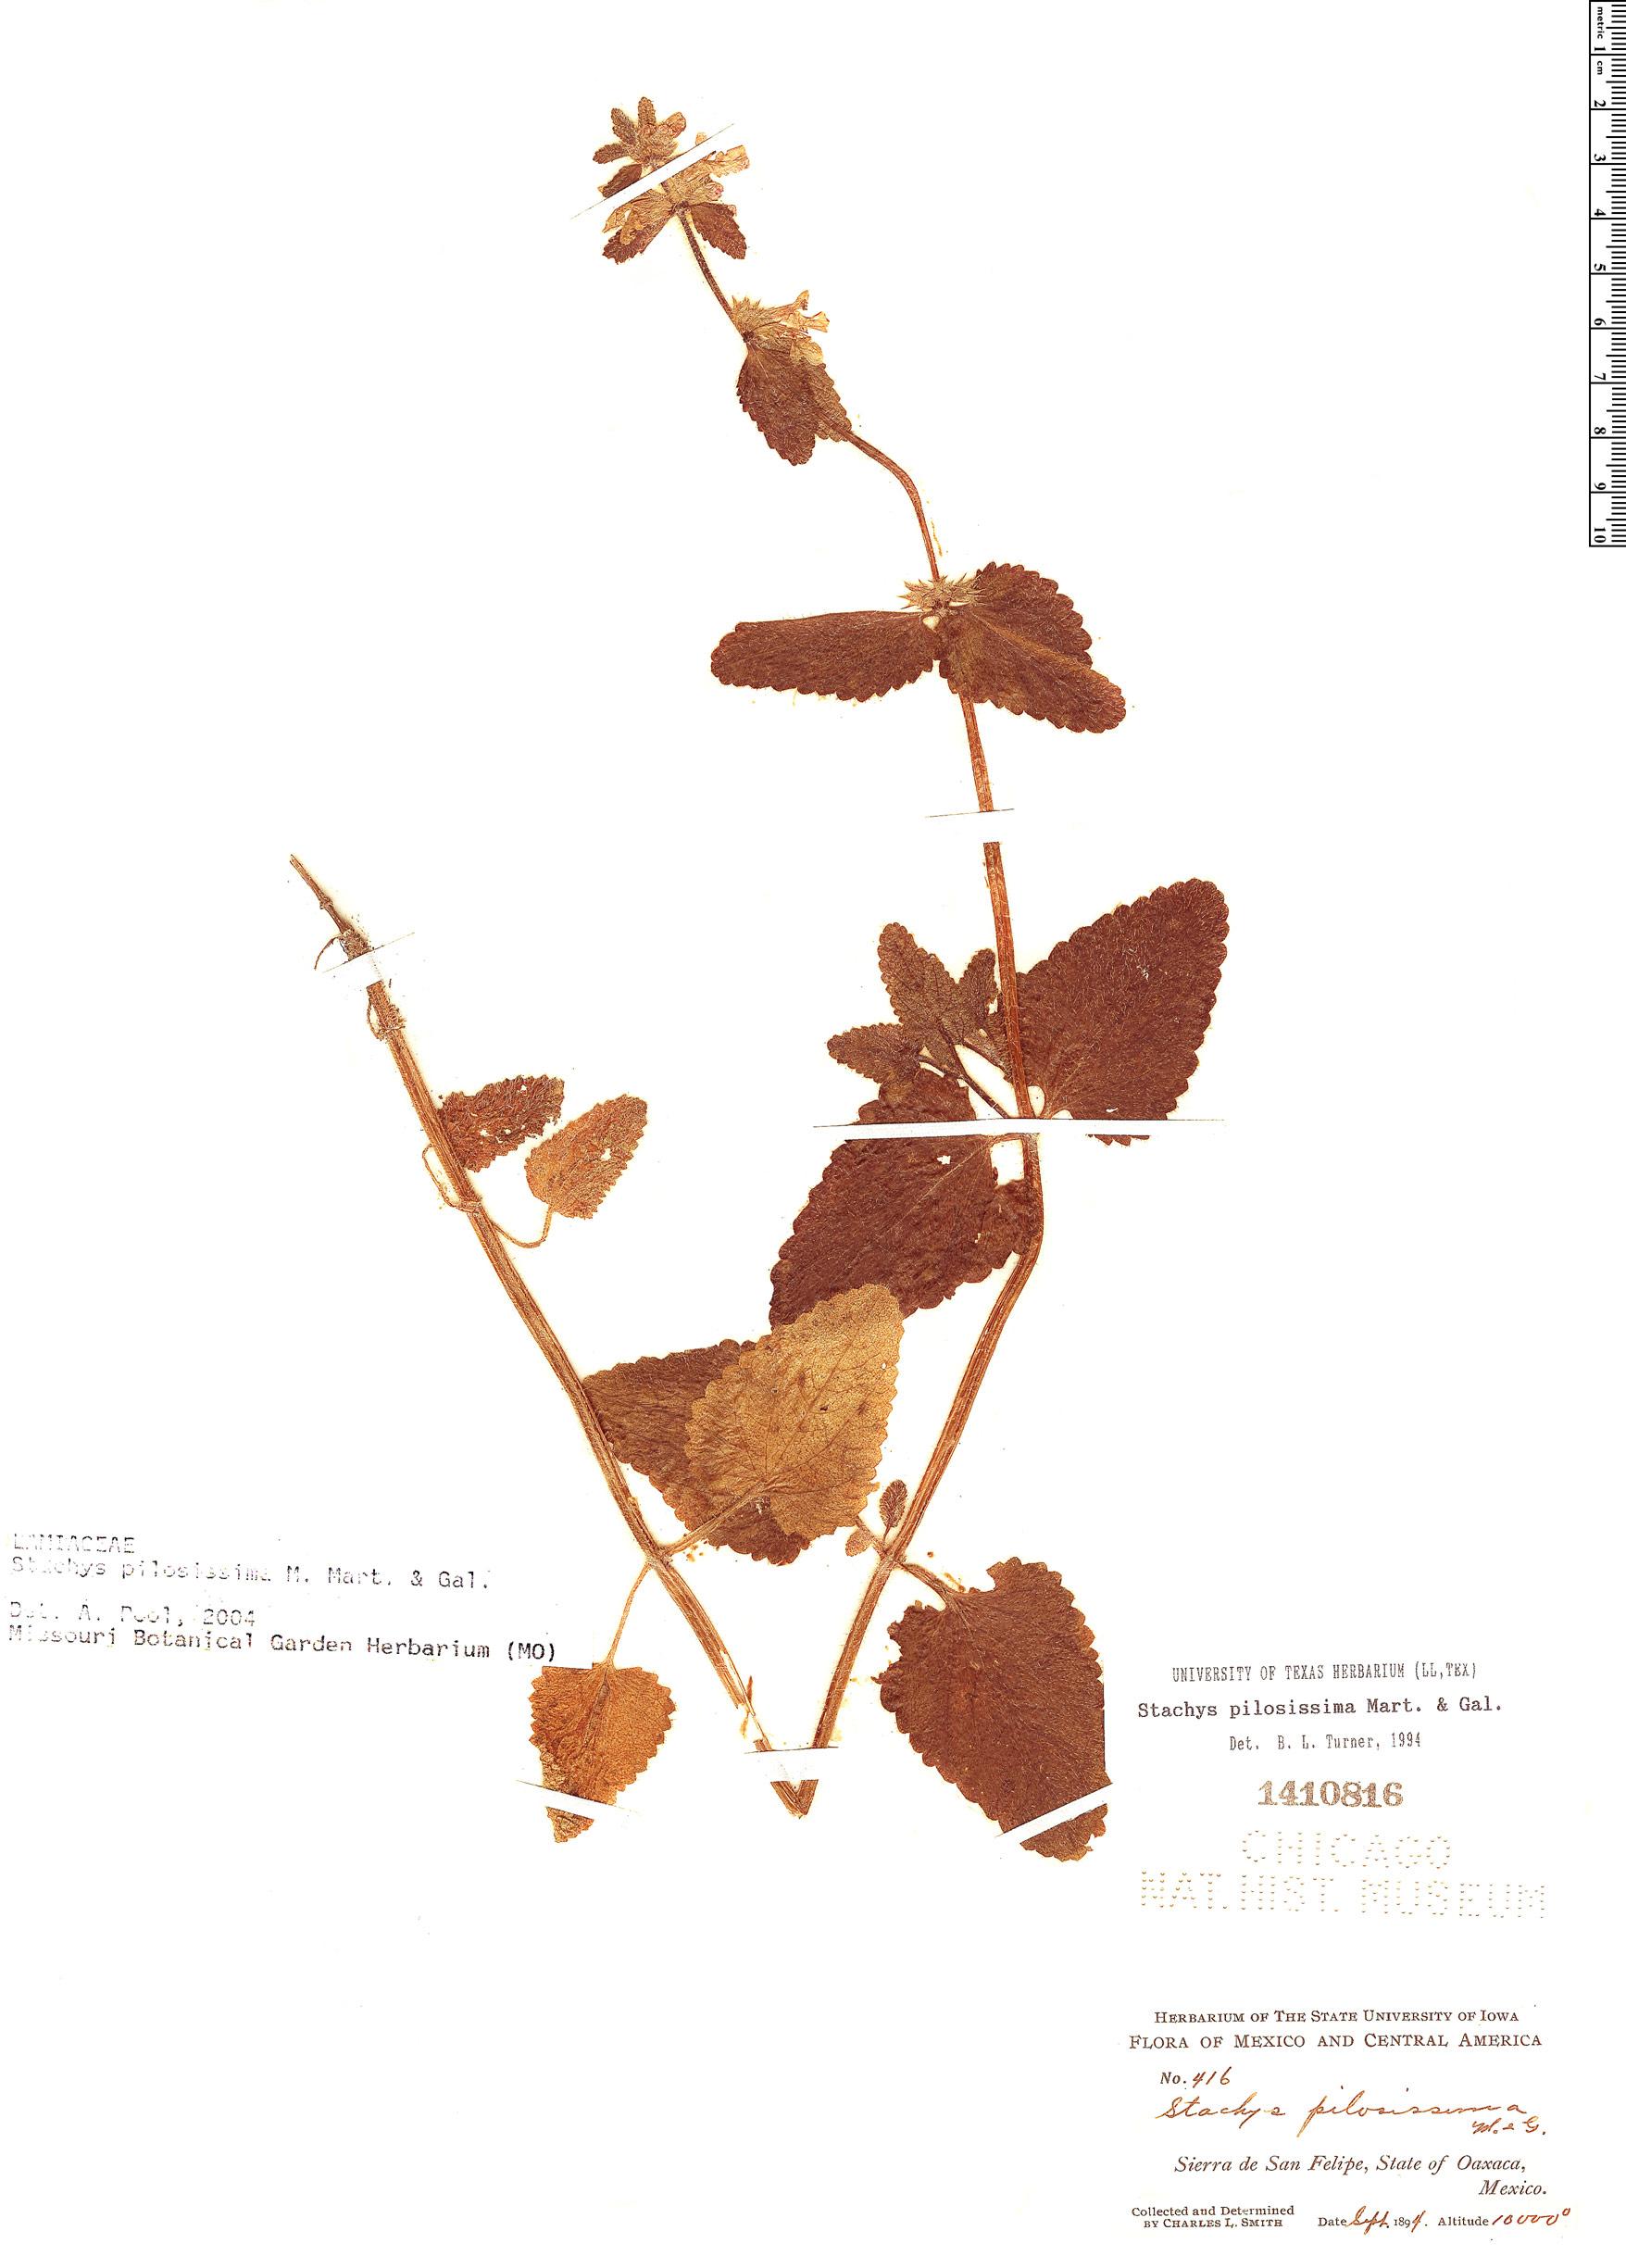 Specimen: Stachys pilosissima